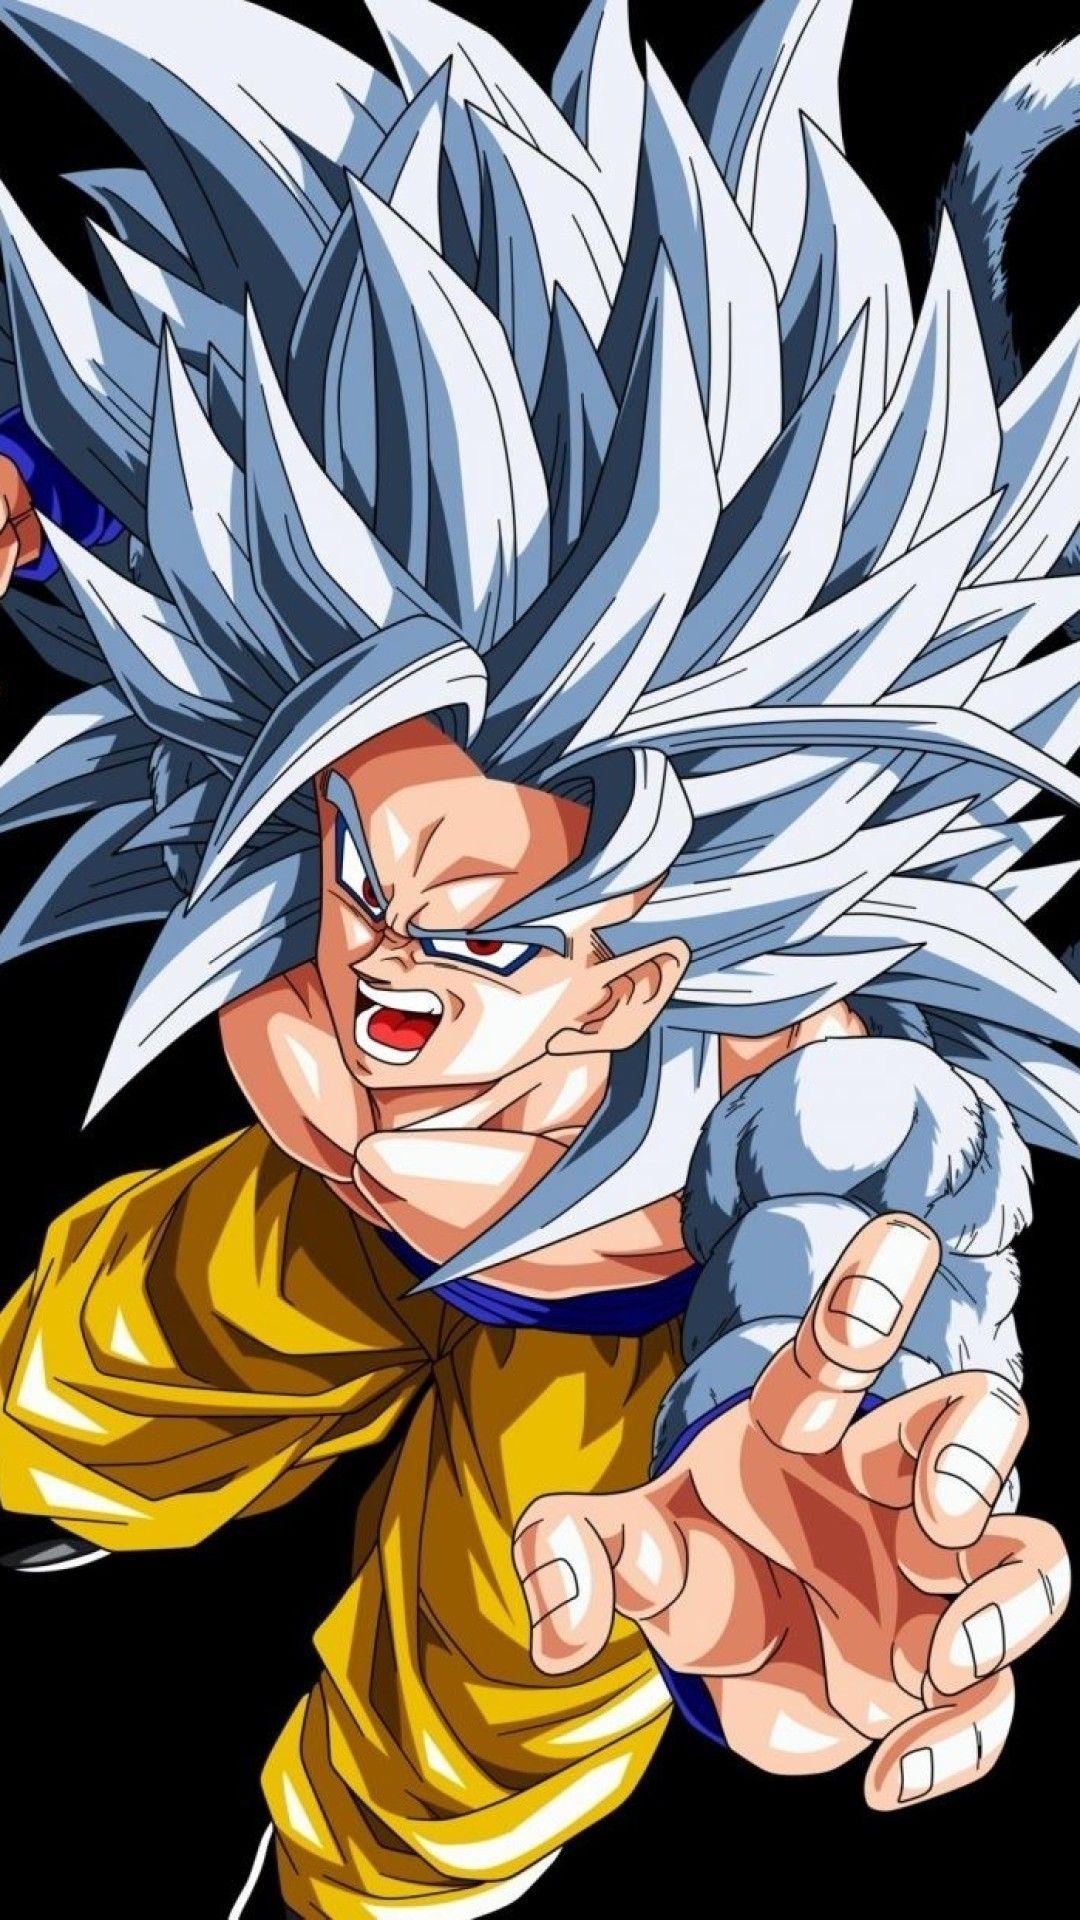 Wallpaper Phone Goku Ssj5 Full Hd Goku Y Imagenes De Goku